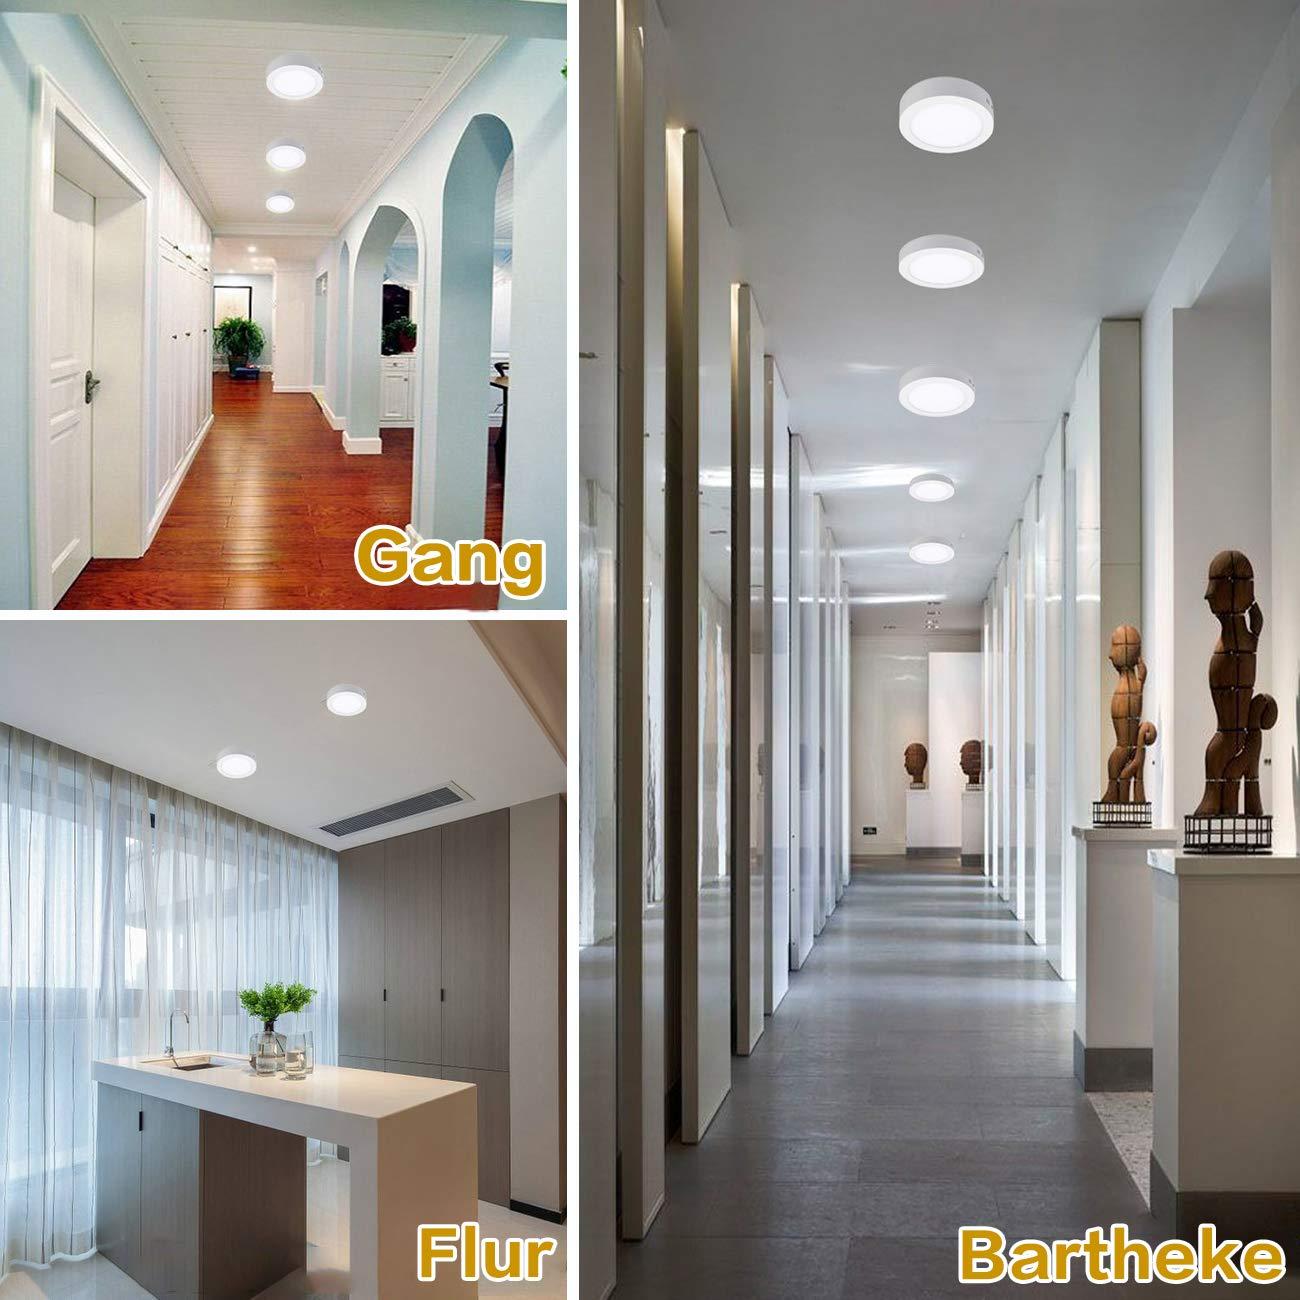 6W Panel Deckenlampe K/üche Nicht Dimmbar, 5 St/ück Kinderzimmer Energieklasse A+ Kaltwei/ß Downlight f/ür Wohnzimmer Schlafzimmer LED Deckenleuchte Rund Flur